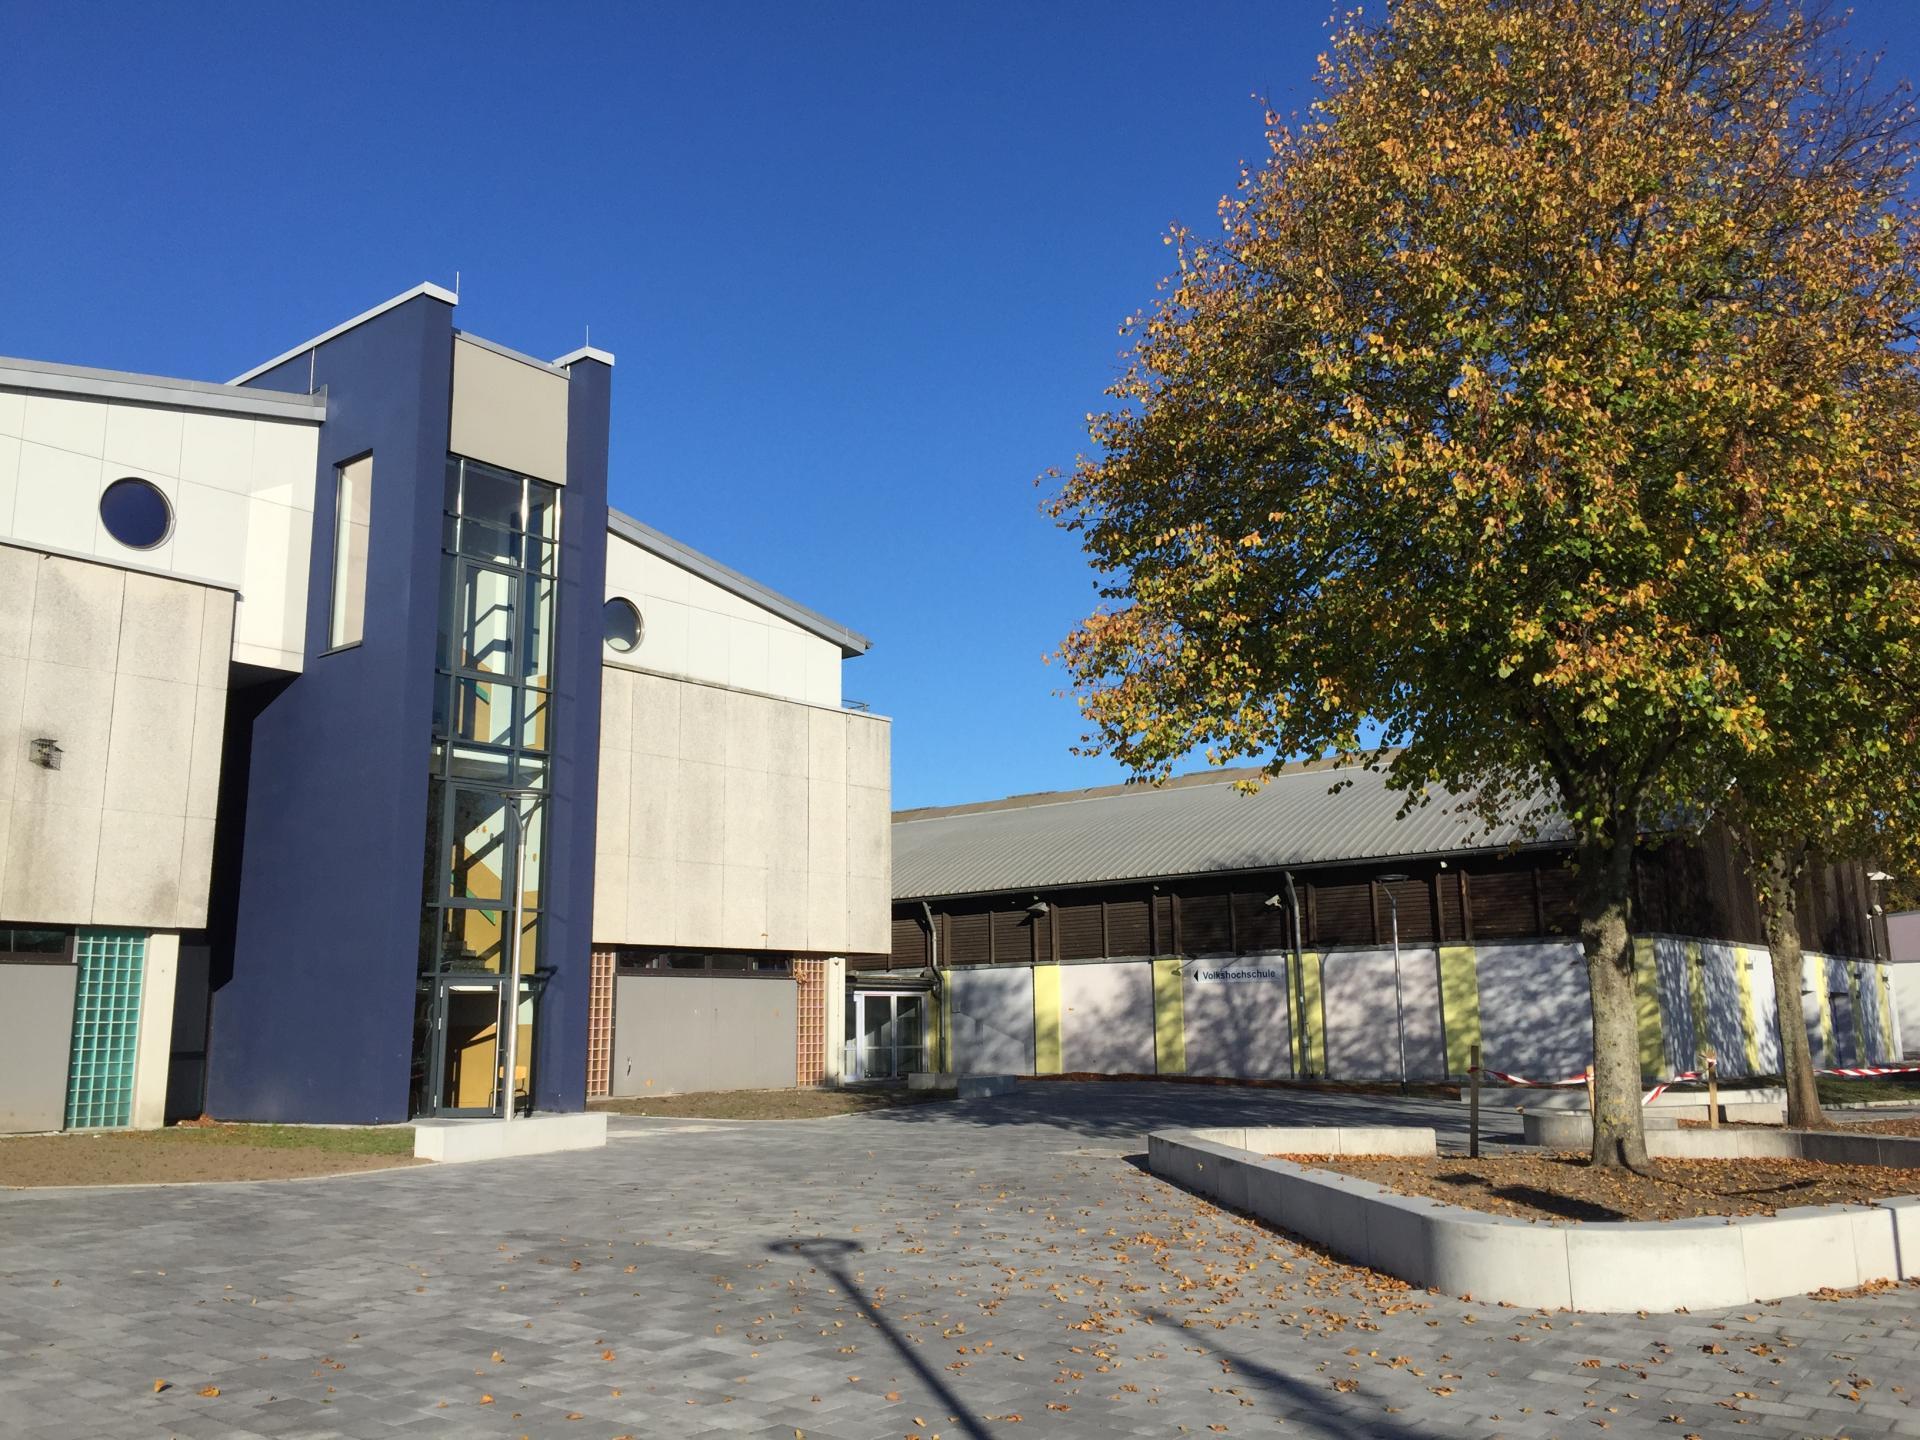 Alexander-Behm-Schule, Haus 5, Eingang zur VHS Tarp